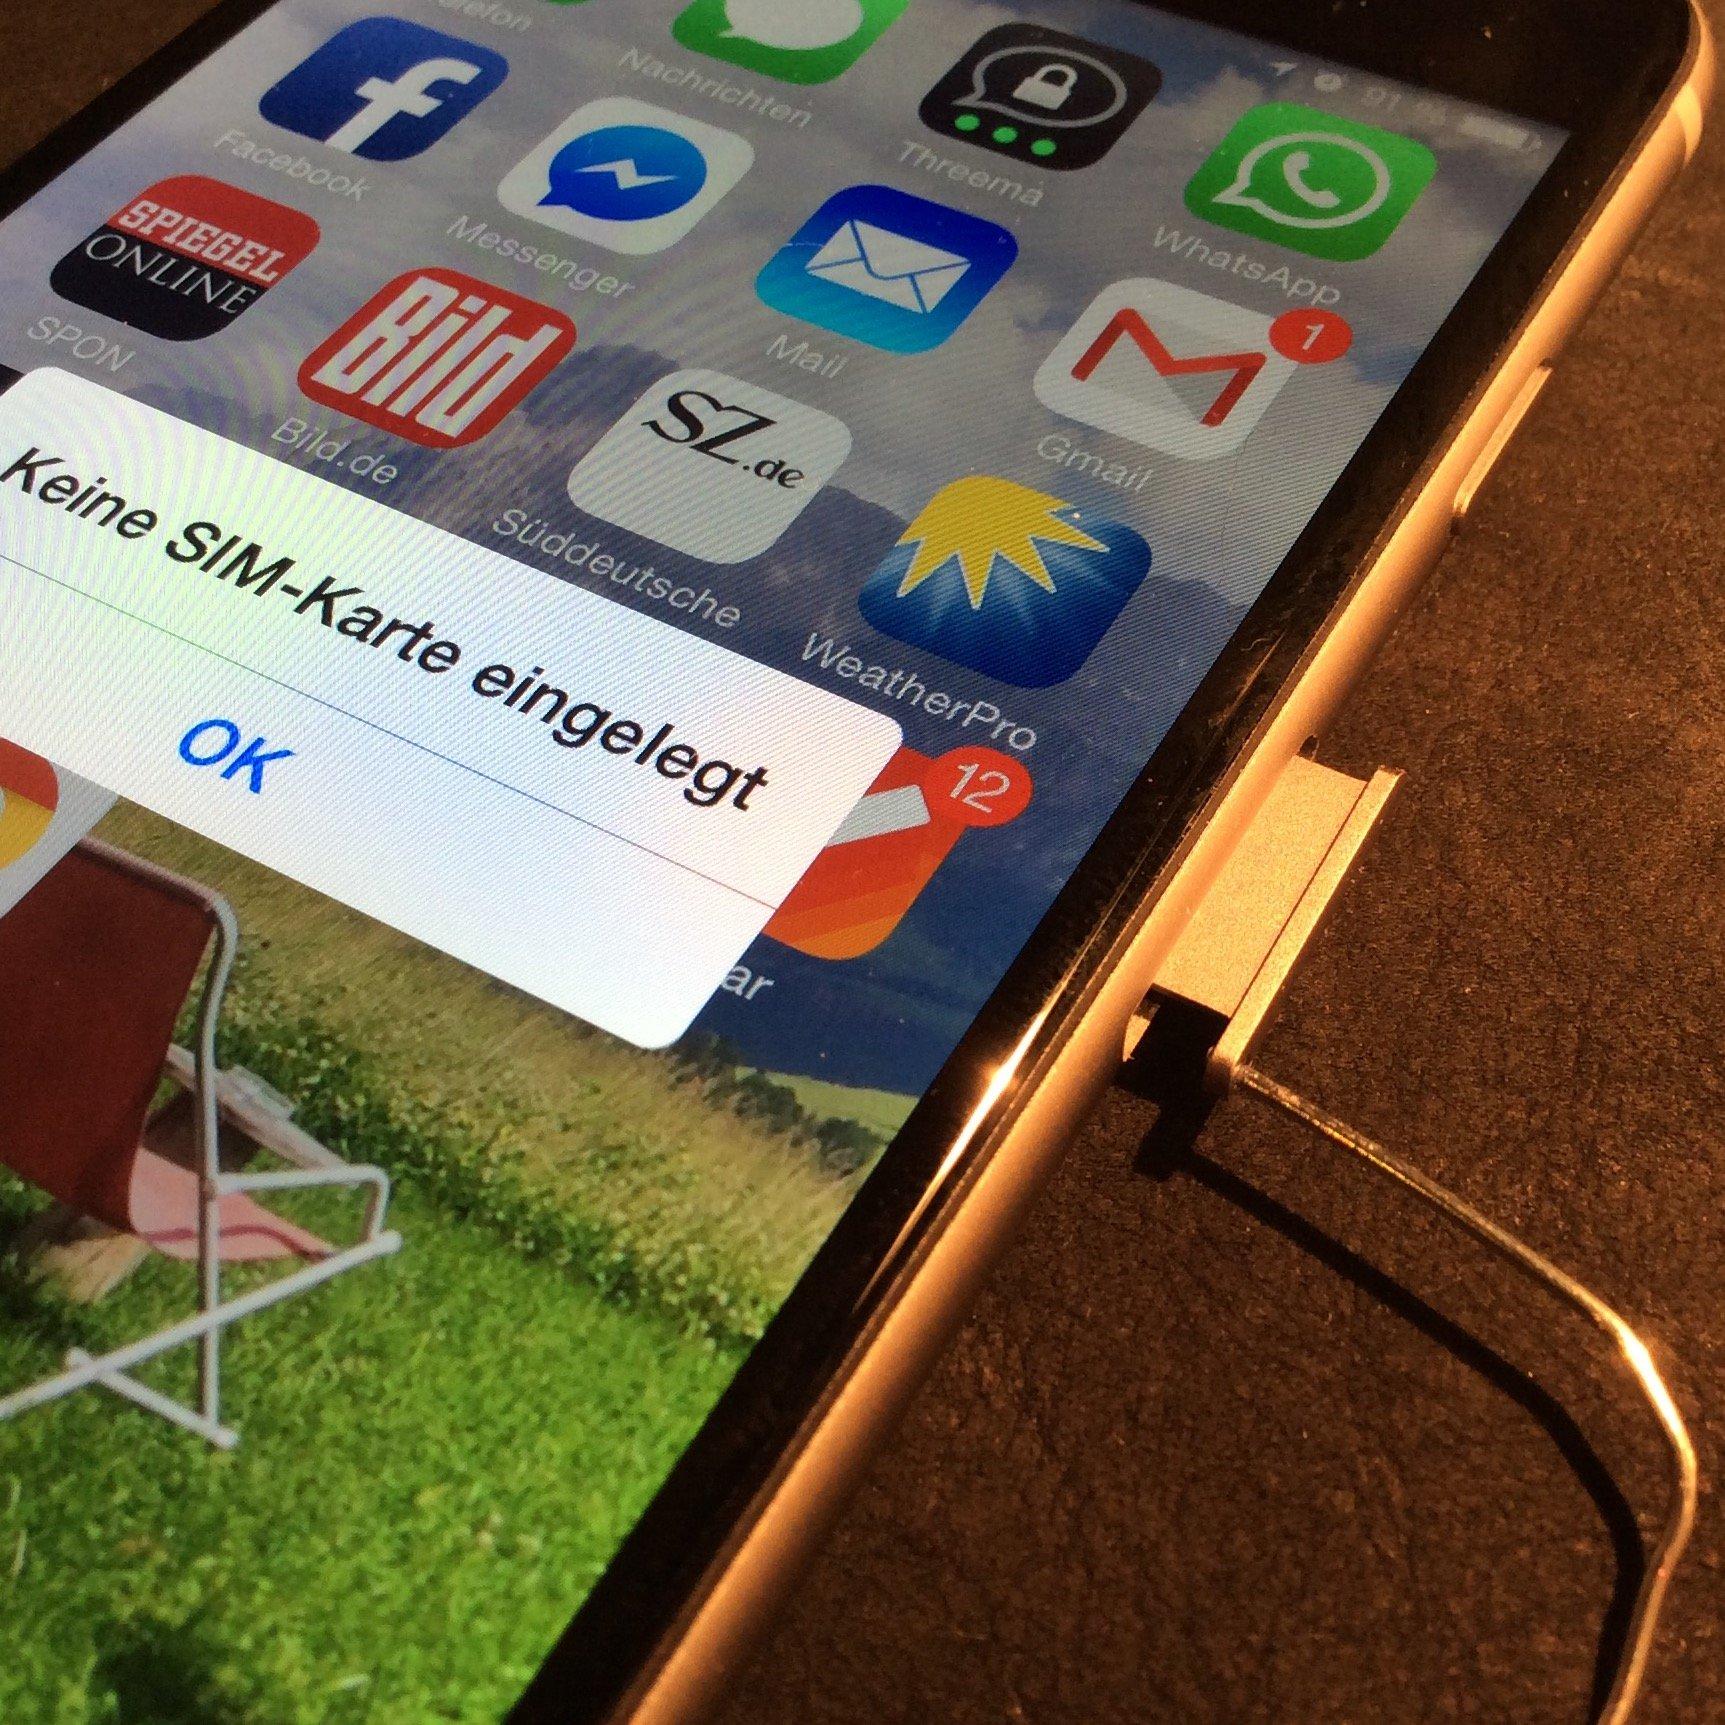 Iphone 5s Sim Karte Einlegen.Iphone Sim Karte Einlegen Oder Austauschen Mobil Ganz